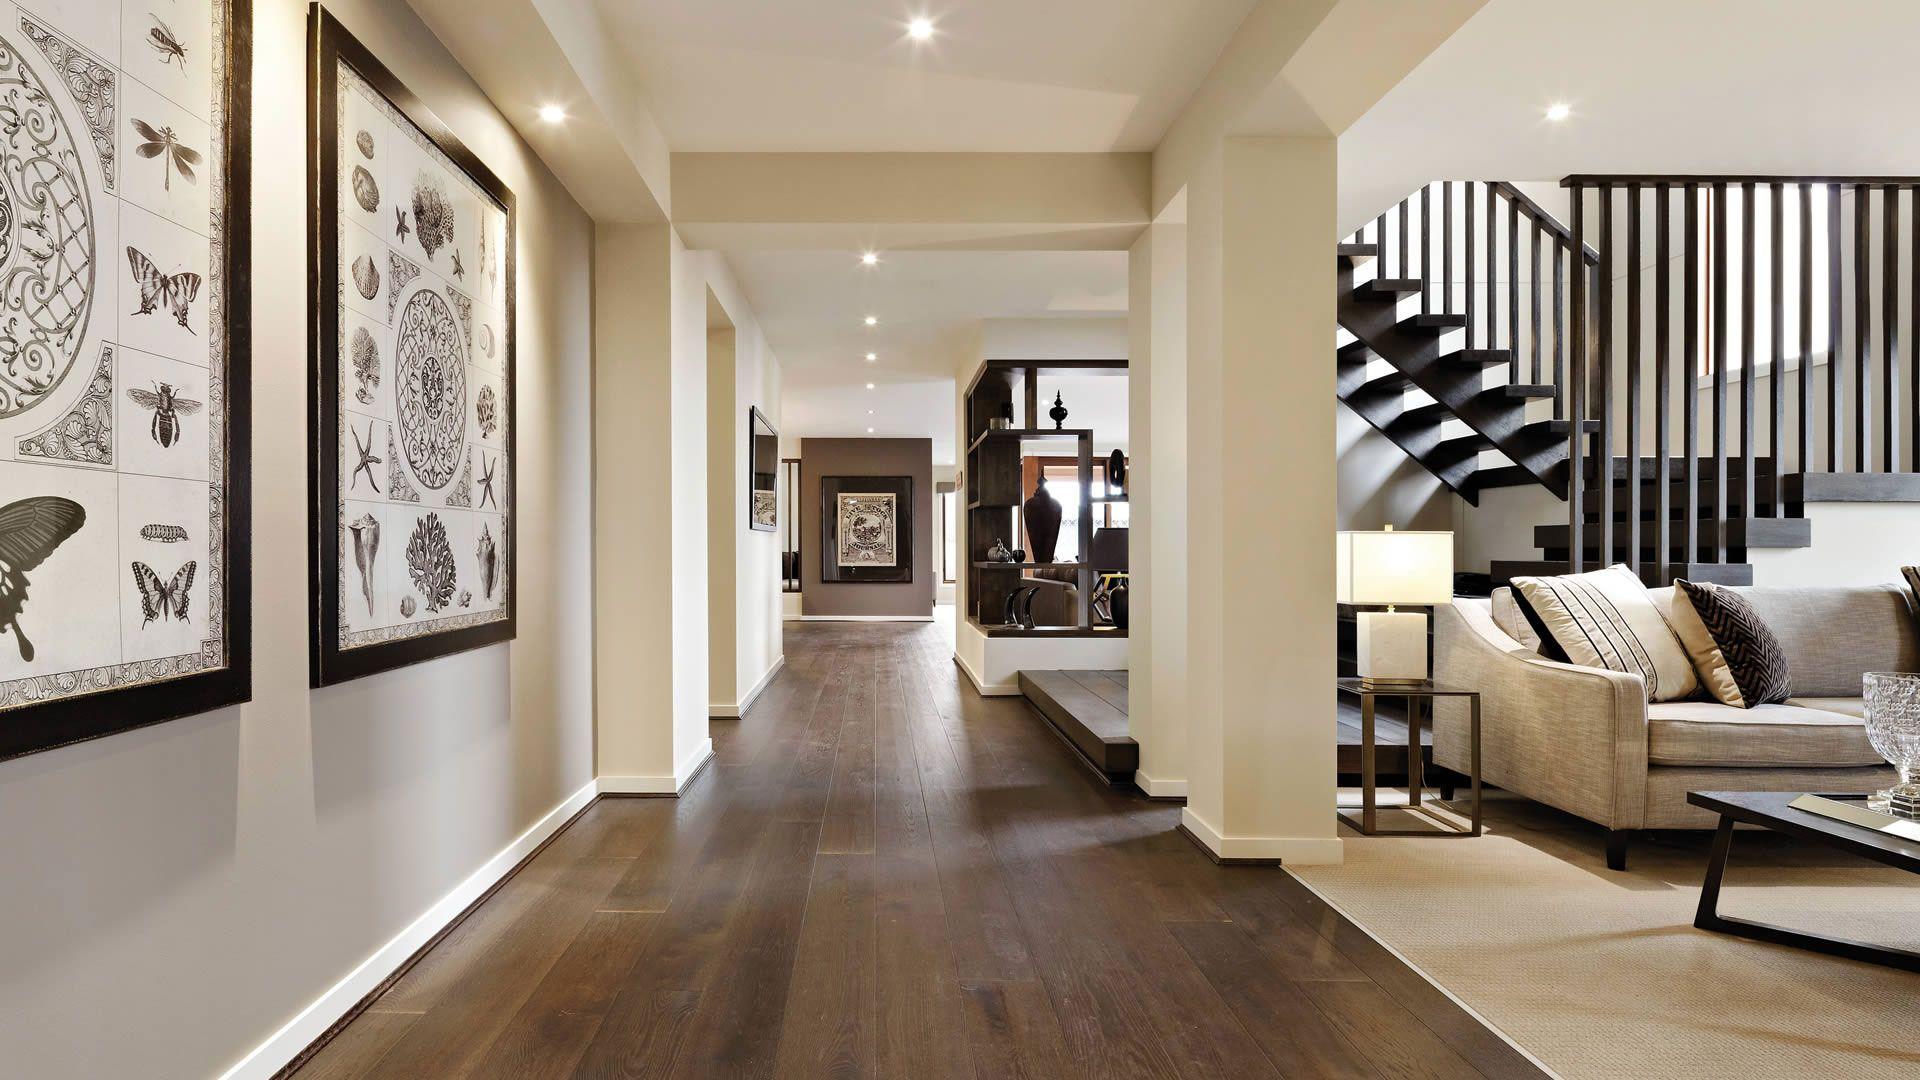 Barwon mk2 by carlisle homes 16 interior design - Como decorar un pasillo estrecho ...